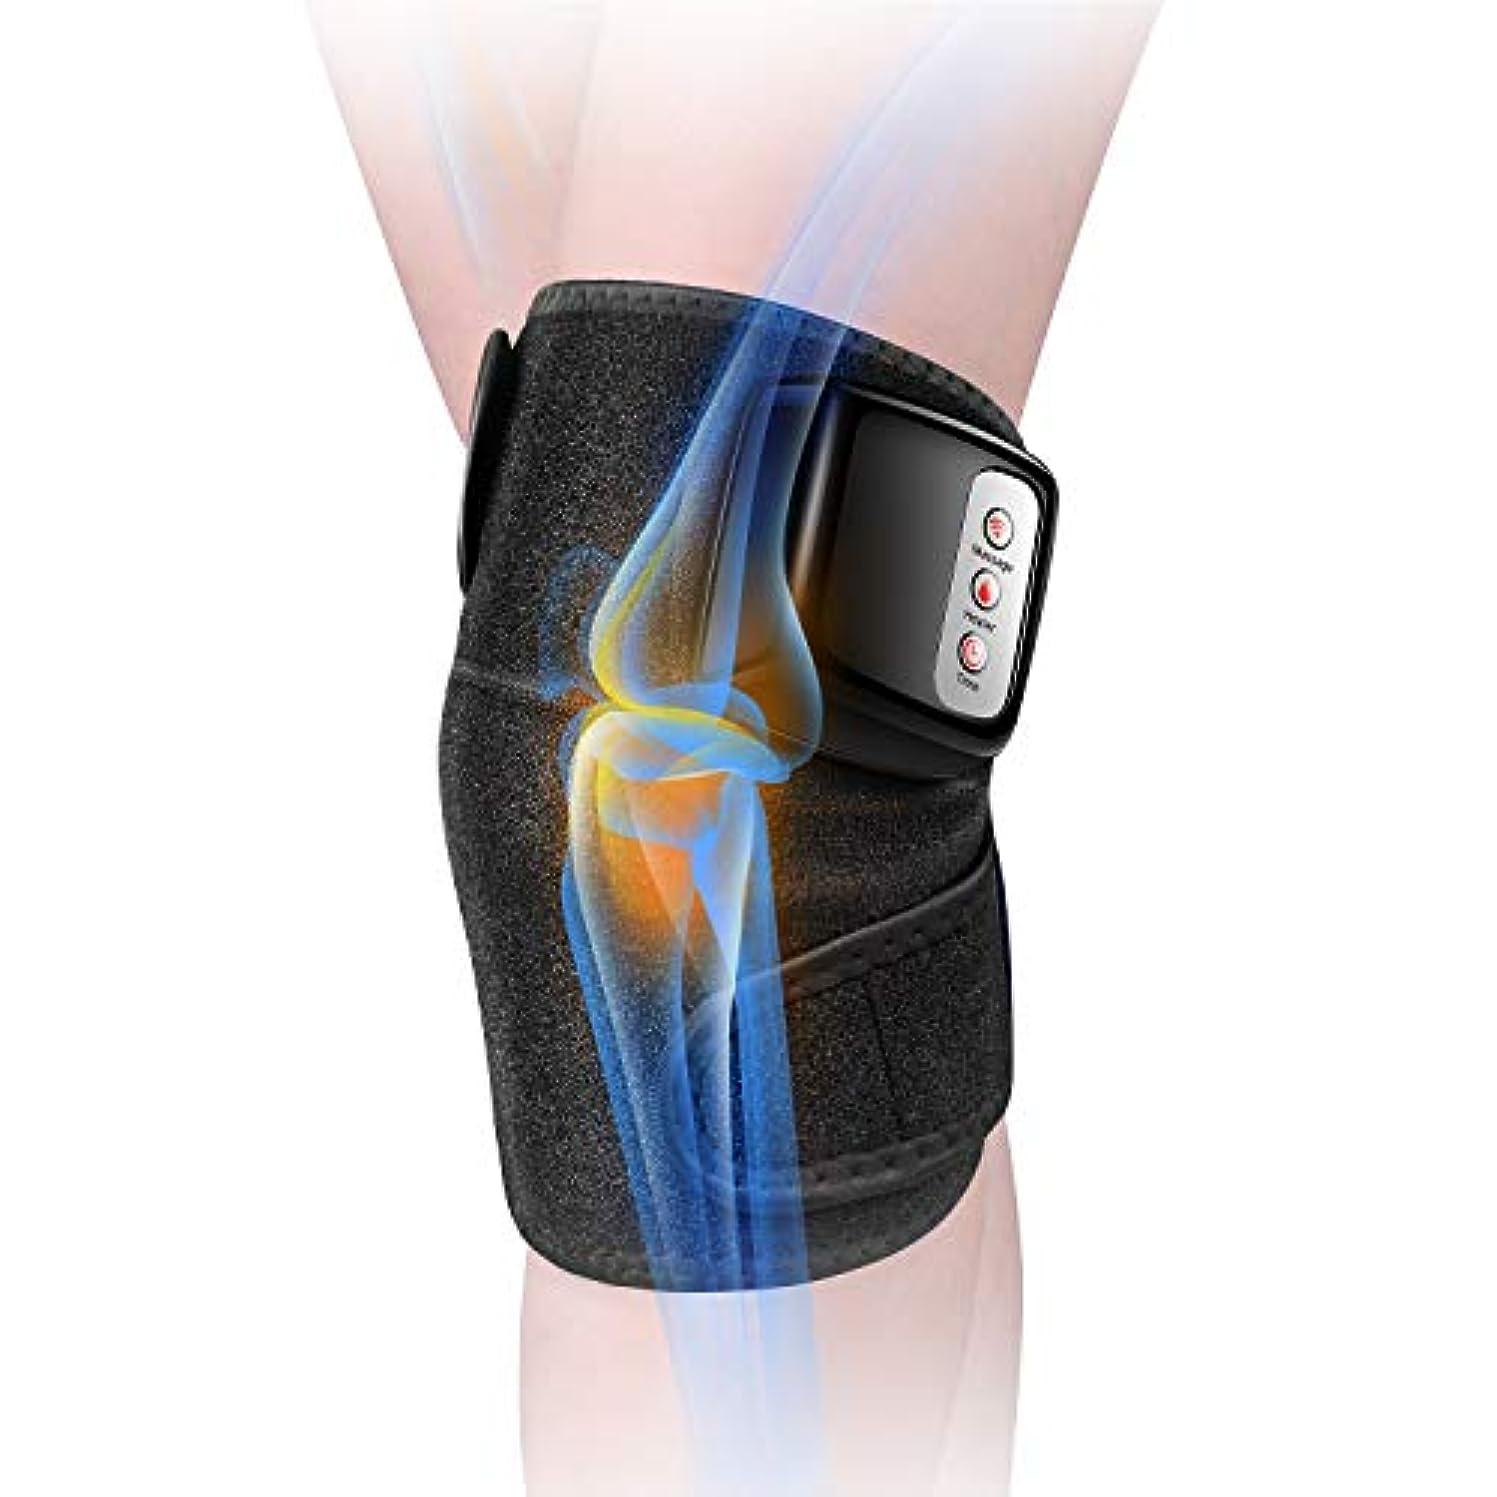 秀でるもっともらしいオプション膝マッサージャー 関節マッサージャー マッサージ器 フットマッサージャー 振動 赤外線療法 温熱療法 膝サポーター ストレス解消 肩 太もも/腕対応